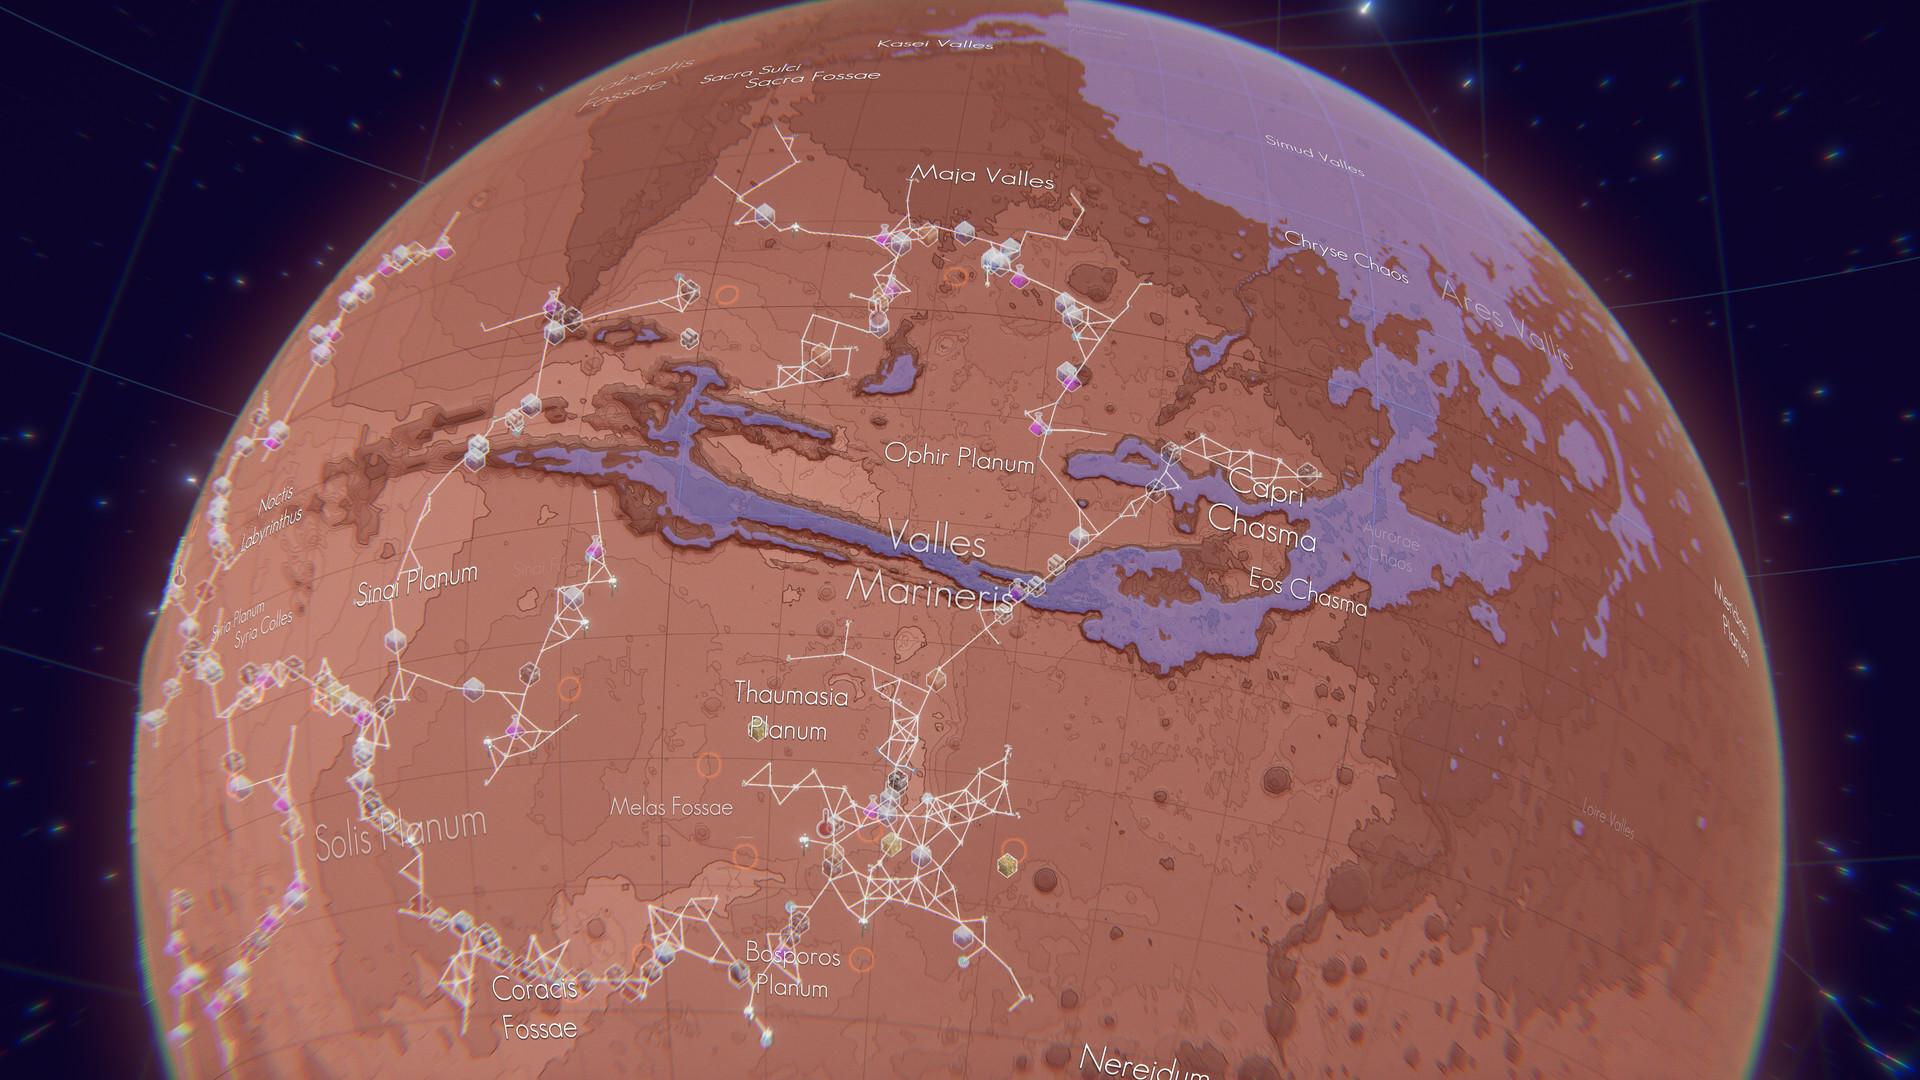 Anunciado jogo de colonização e terraformação de Marte